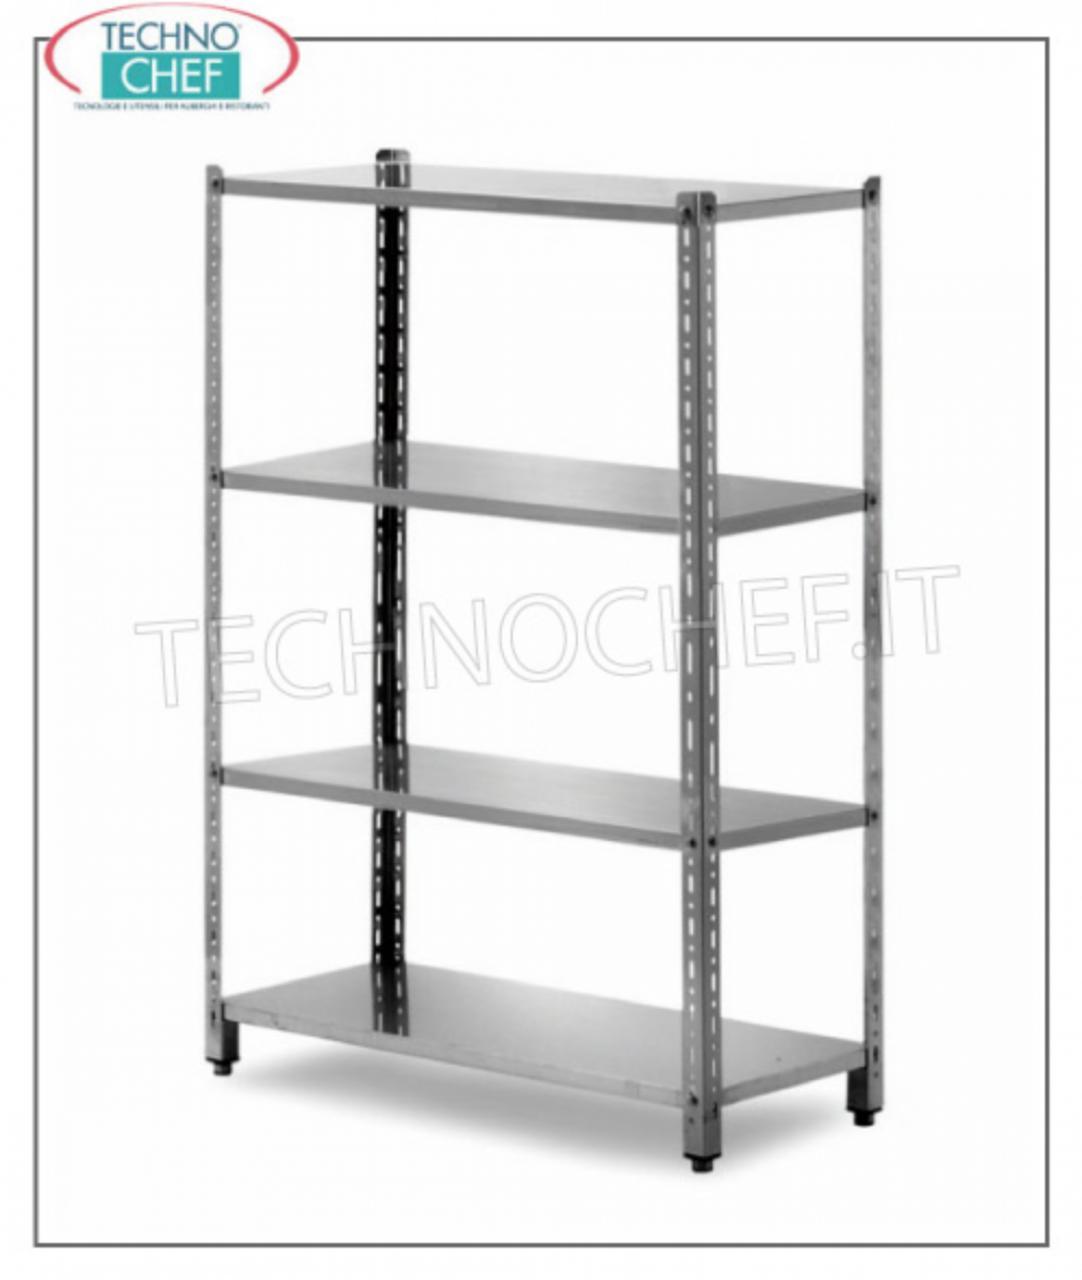 Scaffali componibili in acciaio inox scaffalature per for Scaffali per dispensa